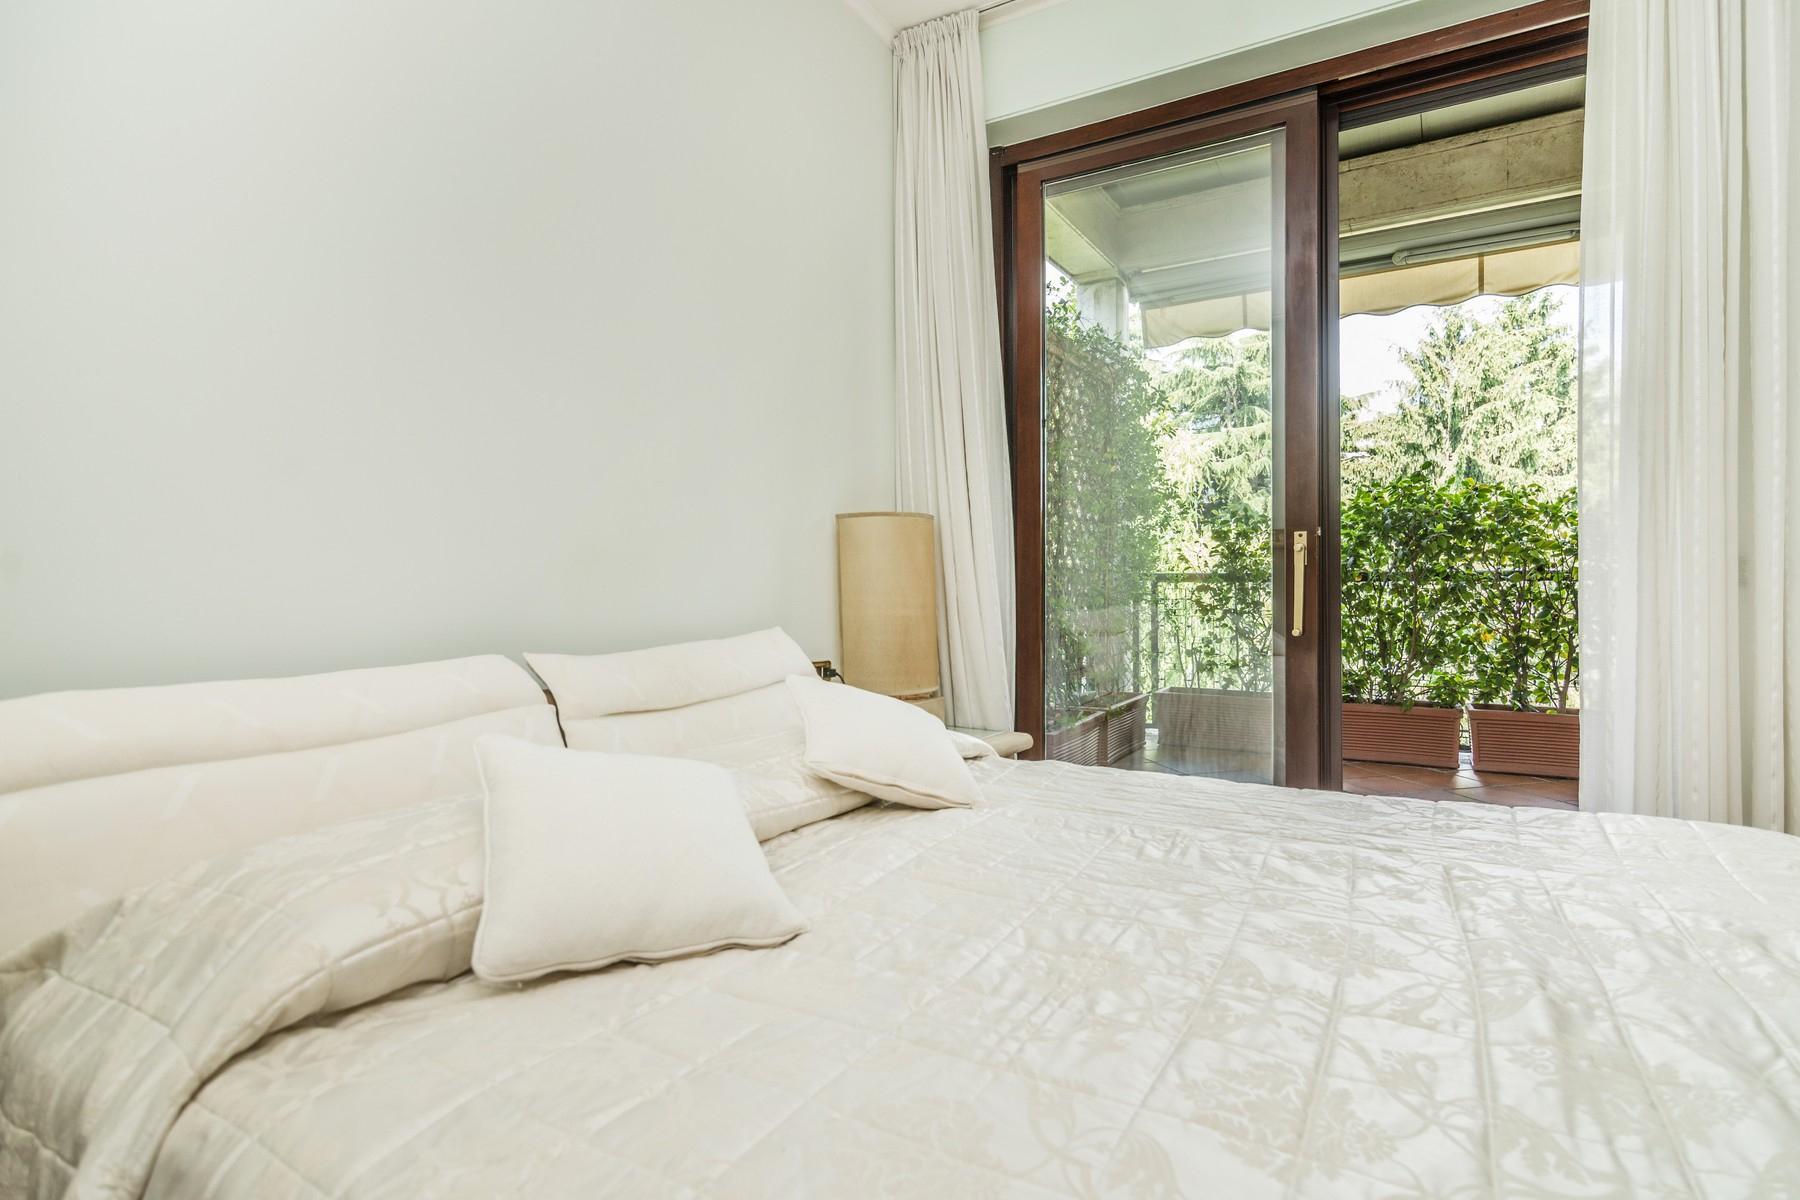 Elégant appartement de 250 m2 avec terrasses - 20